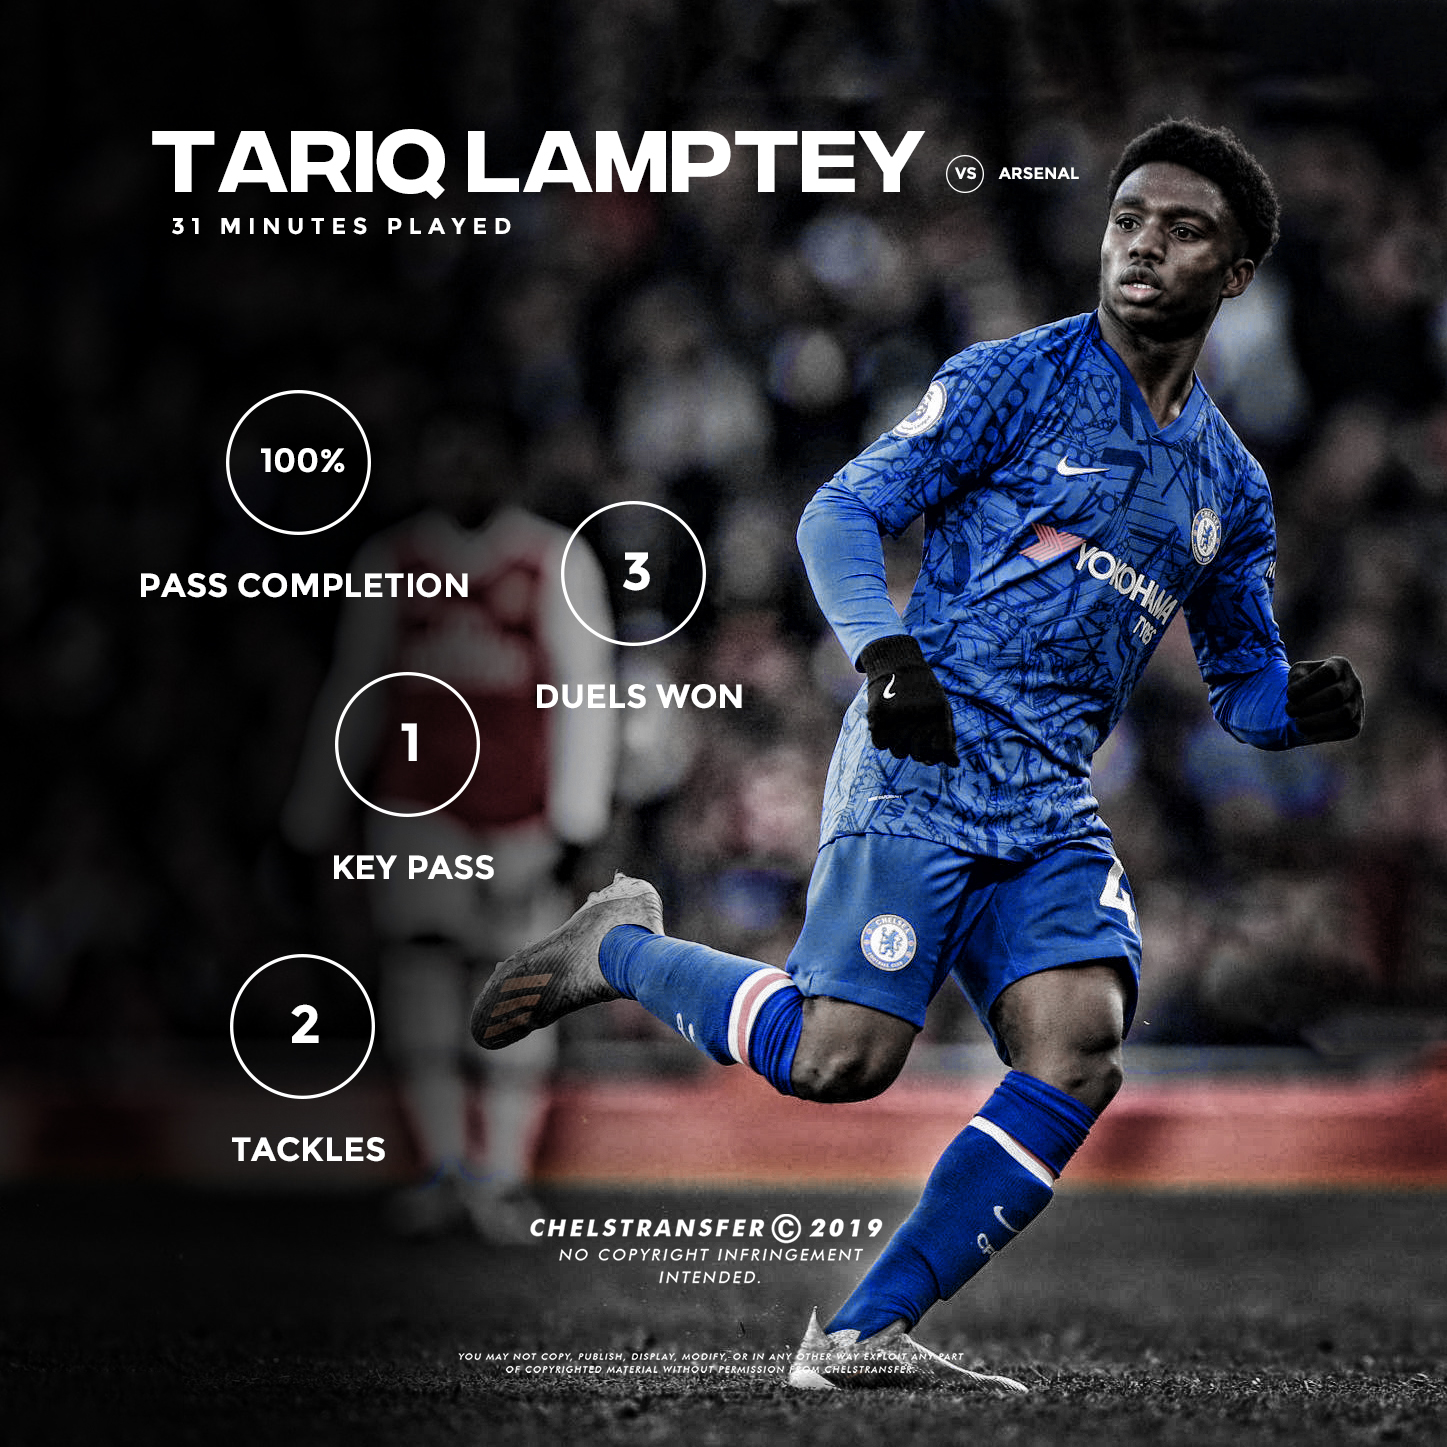 Tariq Lamptey marks his debut for Chelsea's senior team